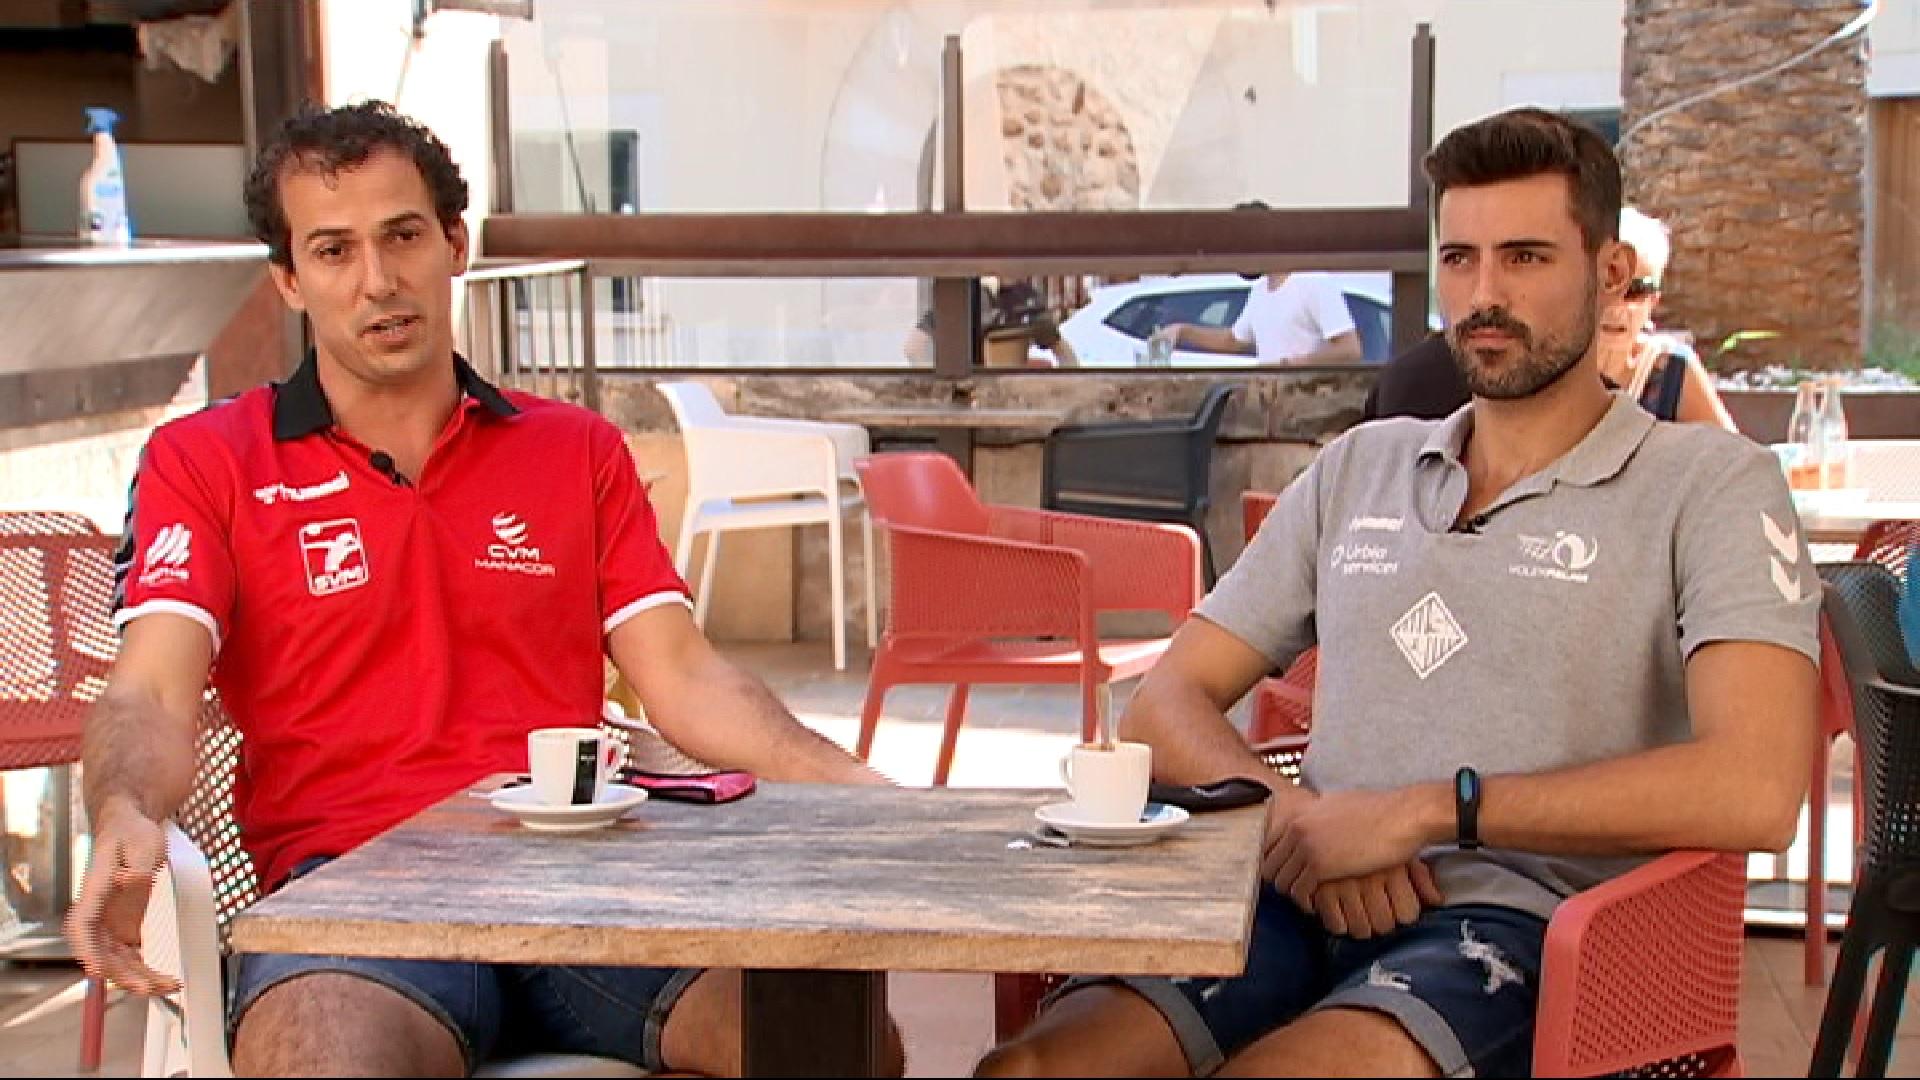 Cair%C3%BAs+i+Gallego%2C+rivalitat+familiar+al+Trofeu+Ciutat+de+Palma